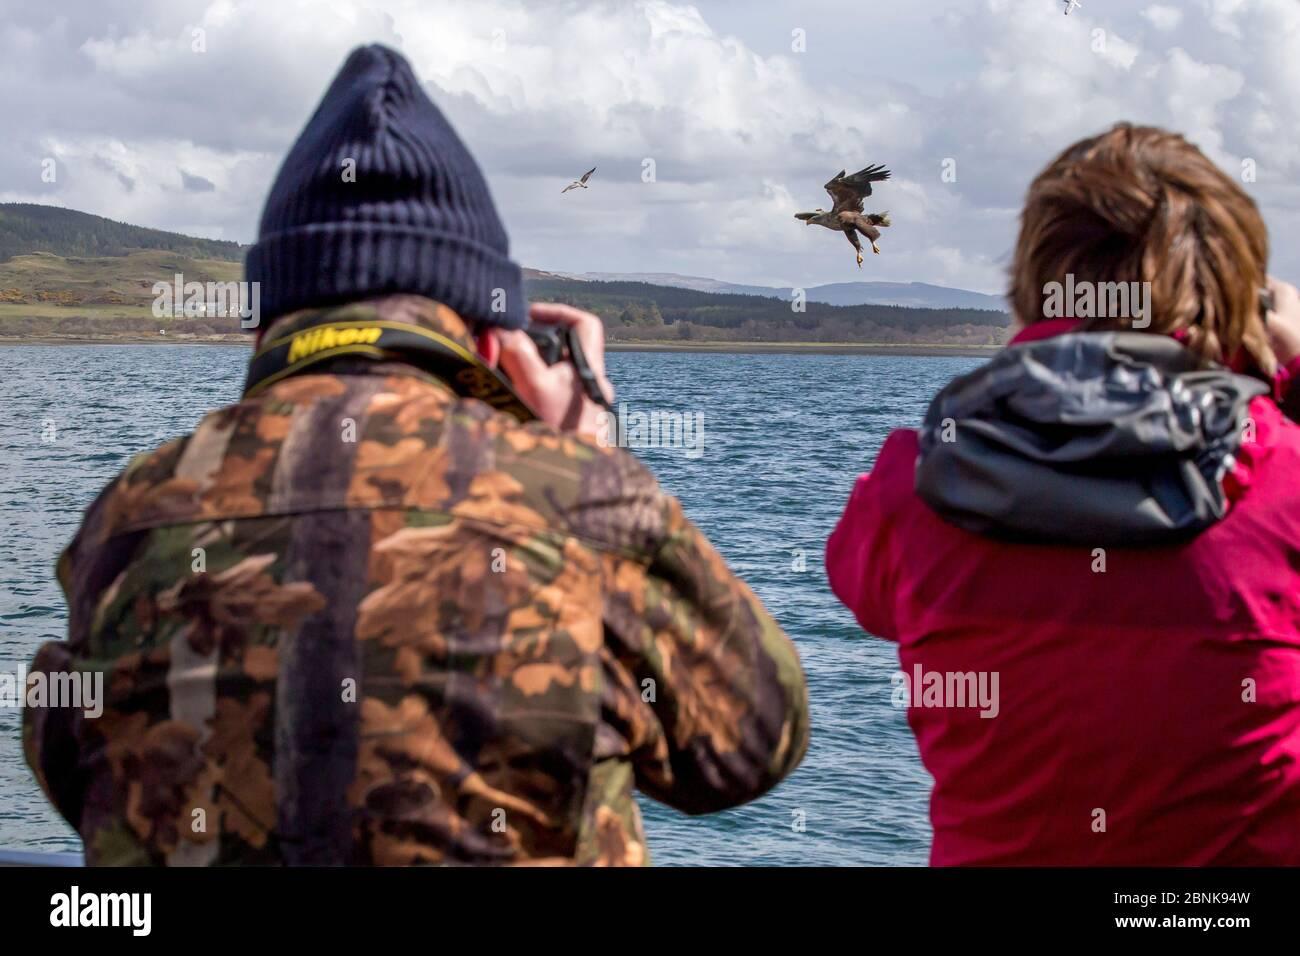 Vue arrière homme et femme, photographie de l'aigle de mer à queue blanche (Haliaeetus albicilla), prise de poissons, île de Mull, Argyll et Bute, Écosse, Royaume-Uni, mai. Banque D'Images